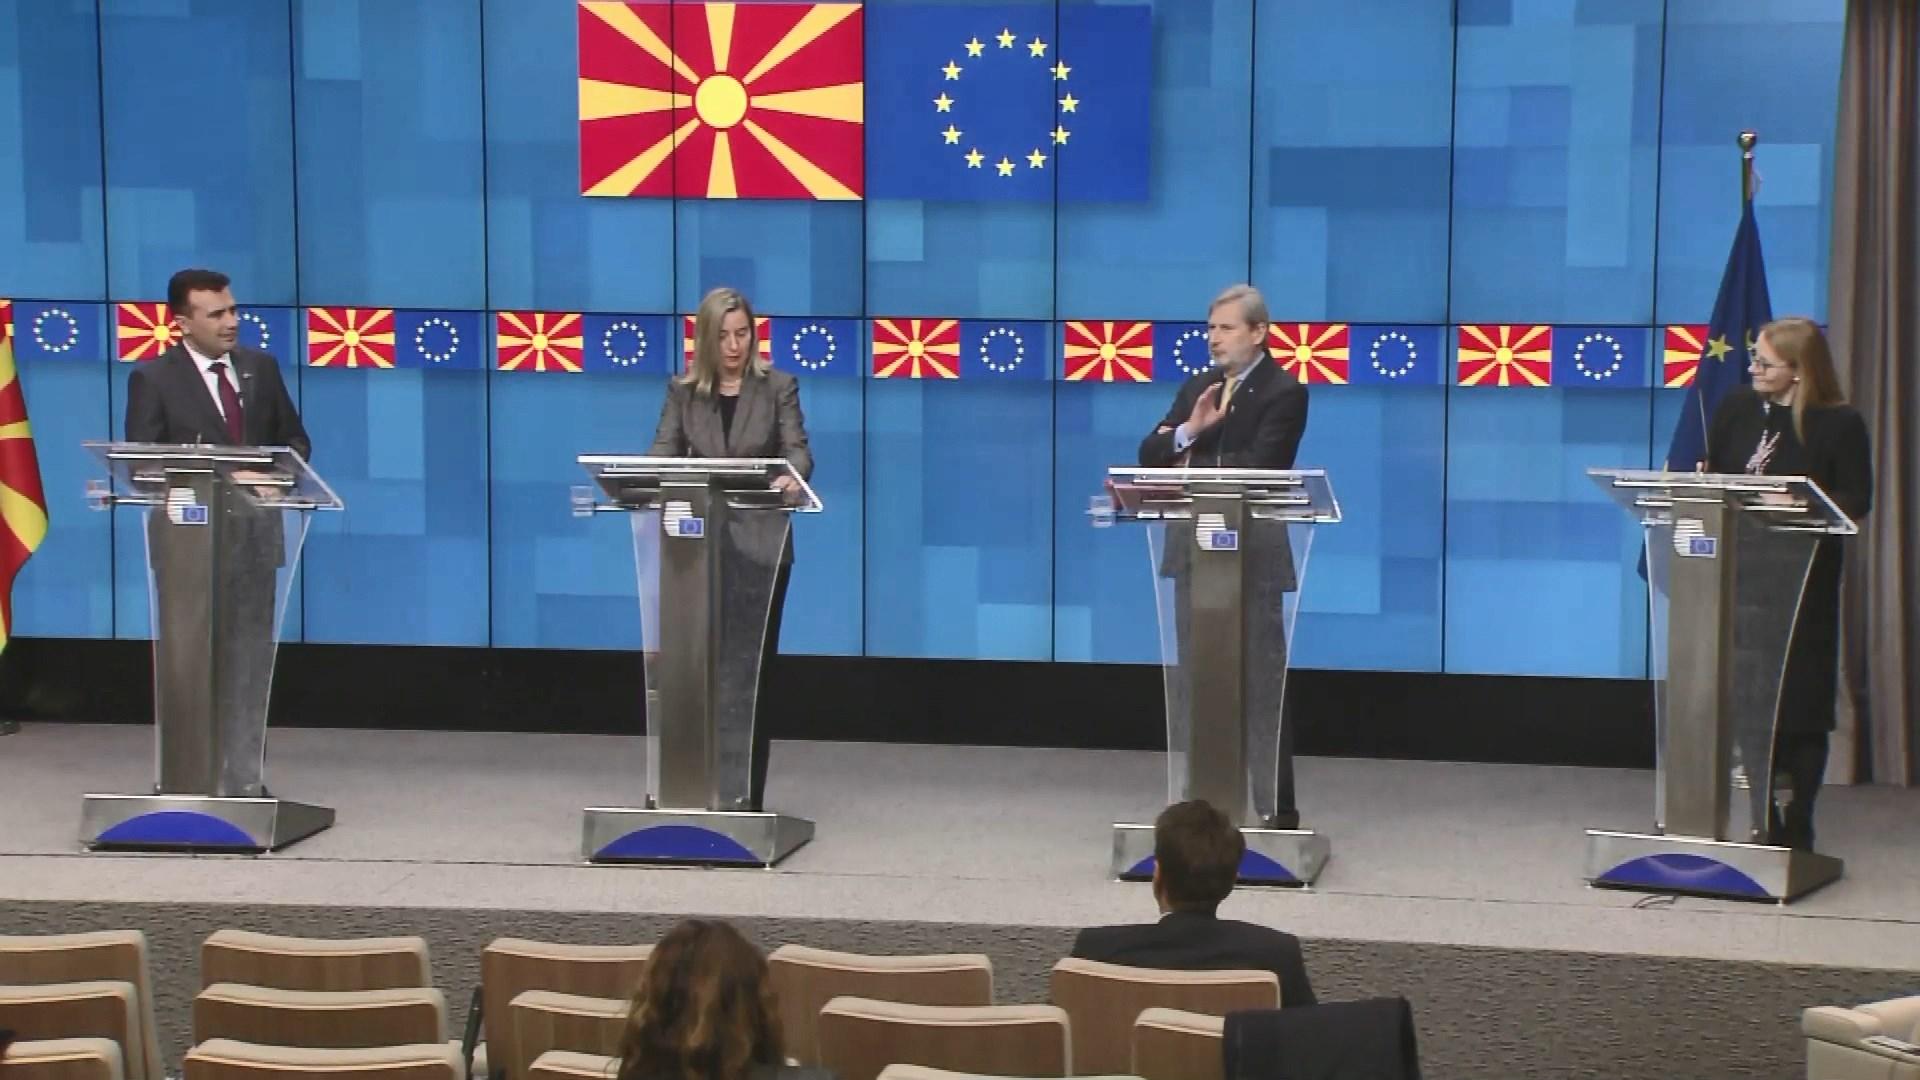 Protestat në Ballkan, BE: Nuk jemi forcë ushtarake që të ndërhyjmë